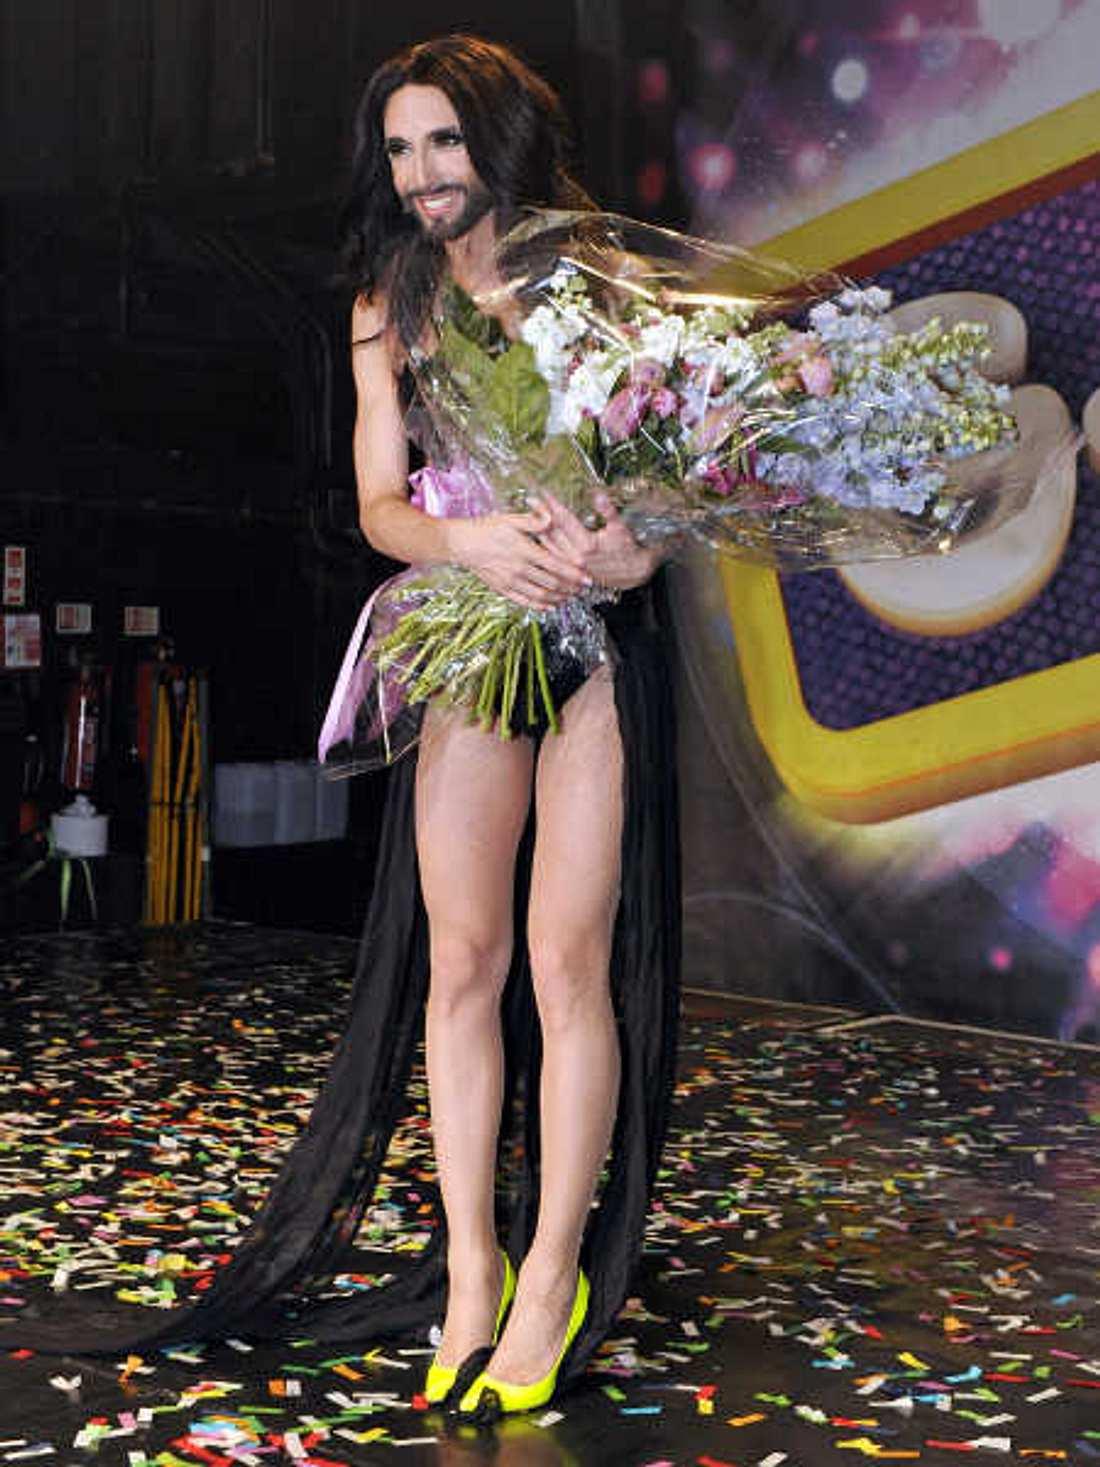 Conchita Wust nach ihrem Auftritt im G.A.Y.-Club.